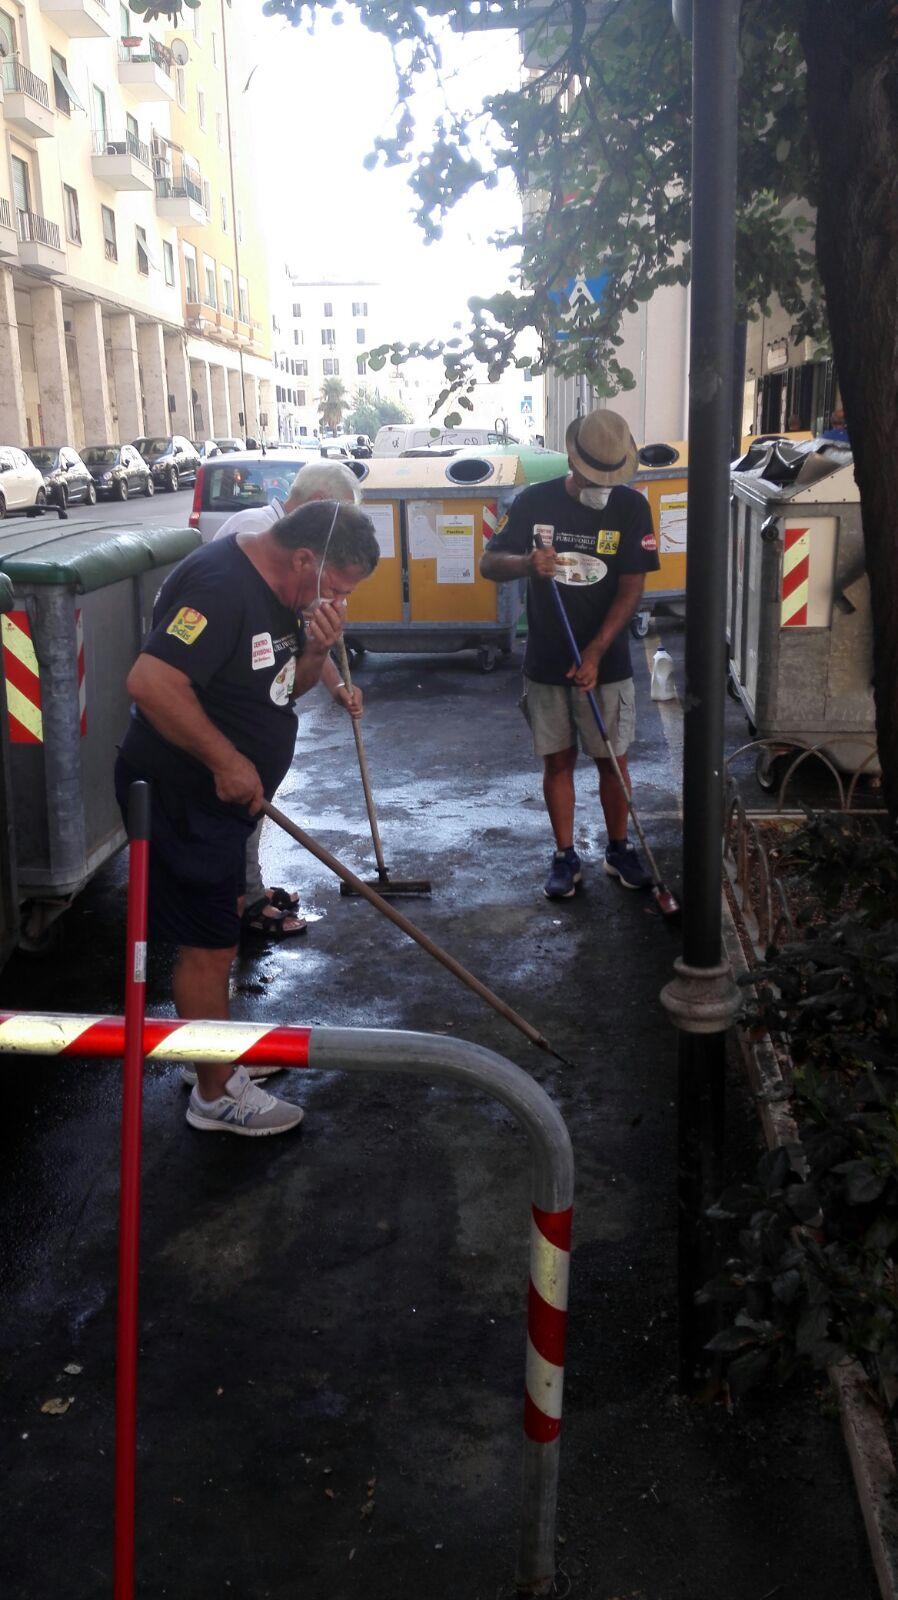 pulizia volontaria corso marconi